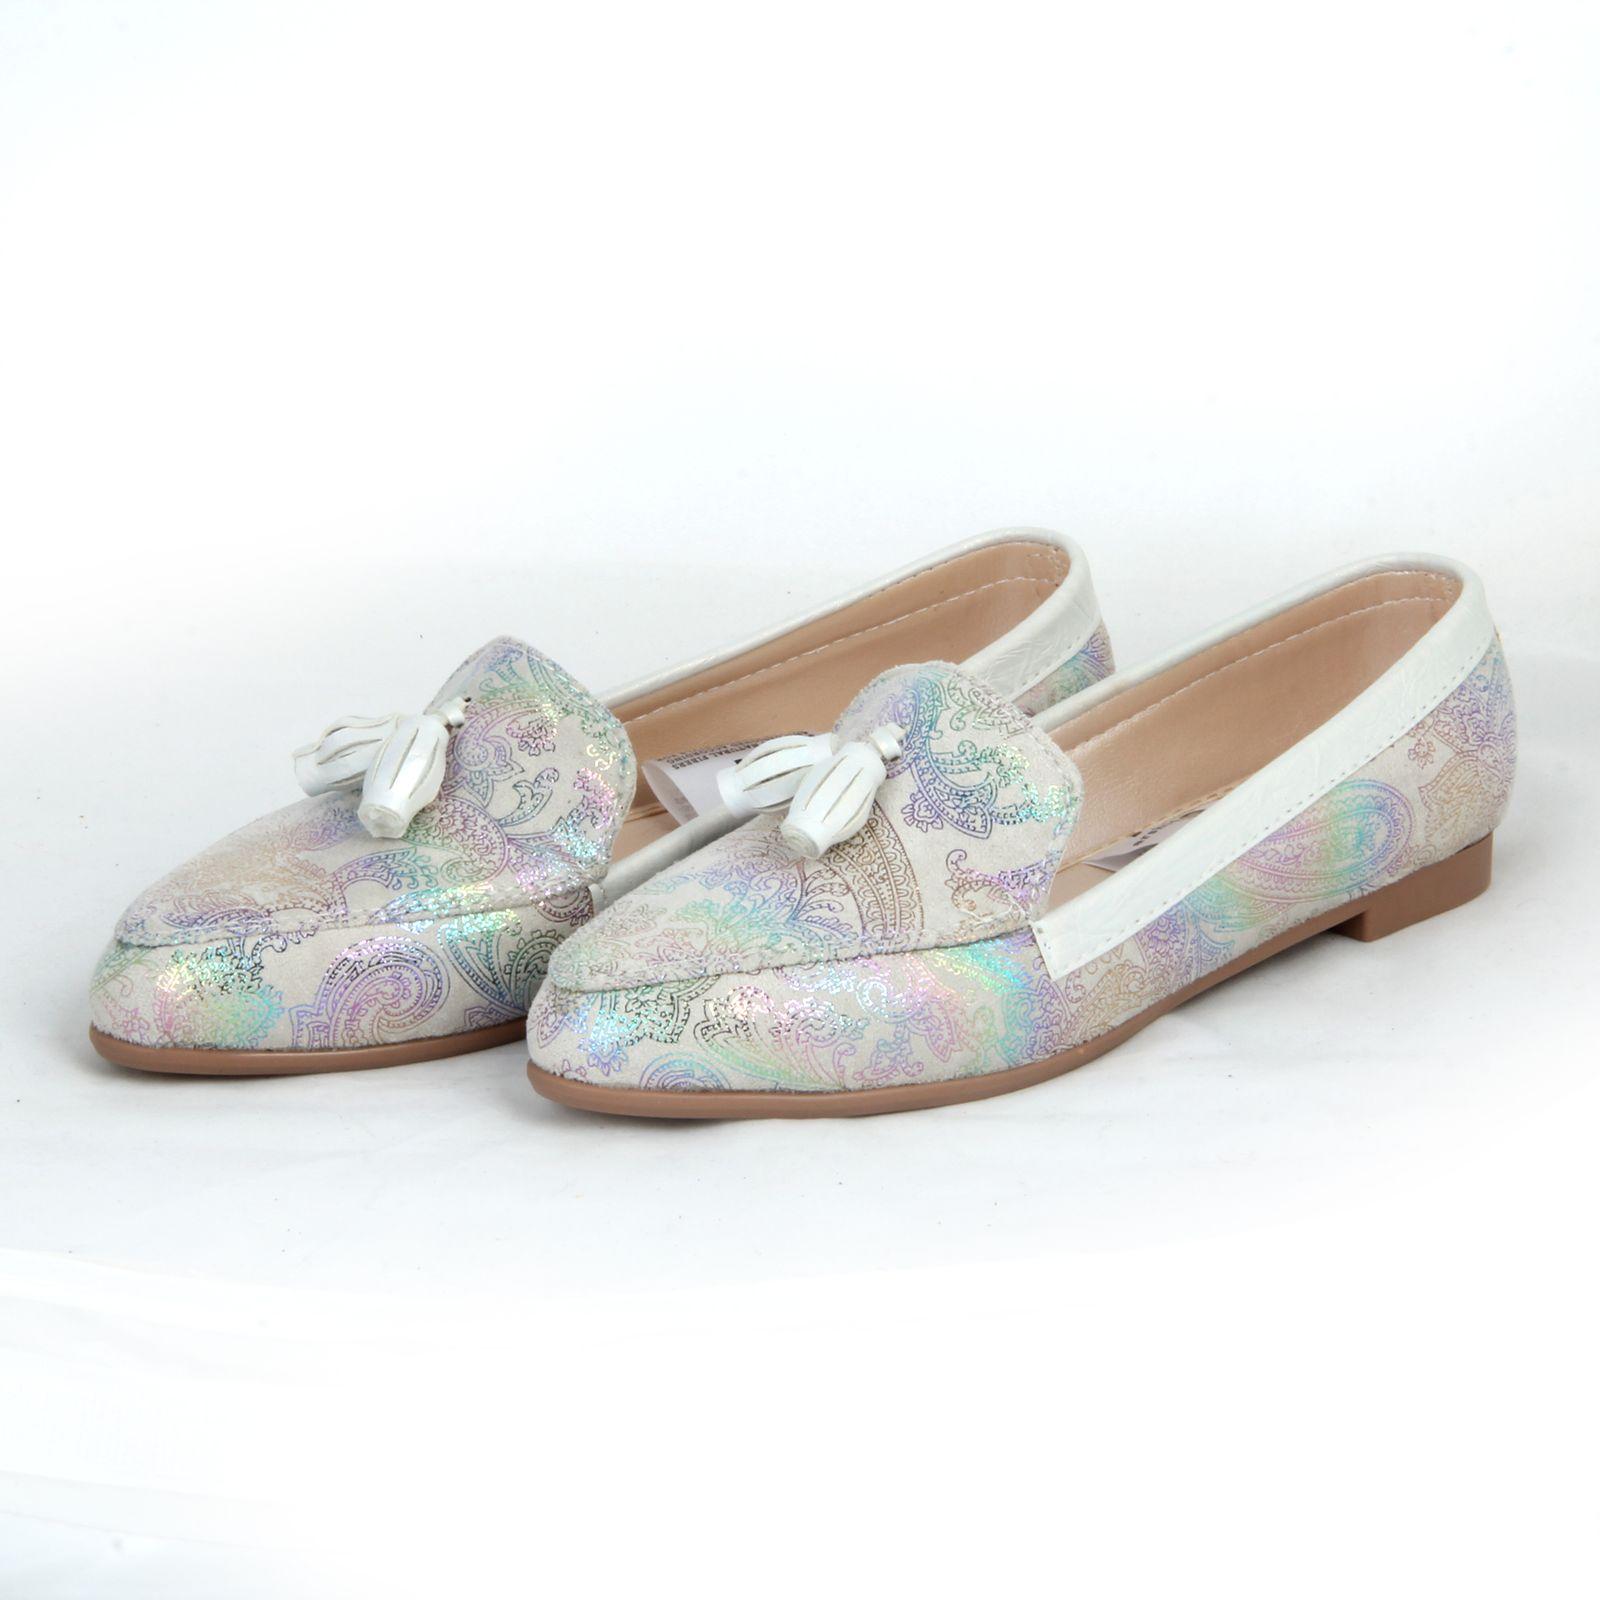 ست کیف و کفش زنانه کد st214 main 1 5